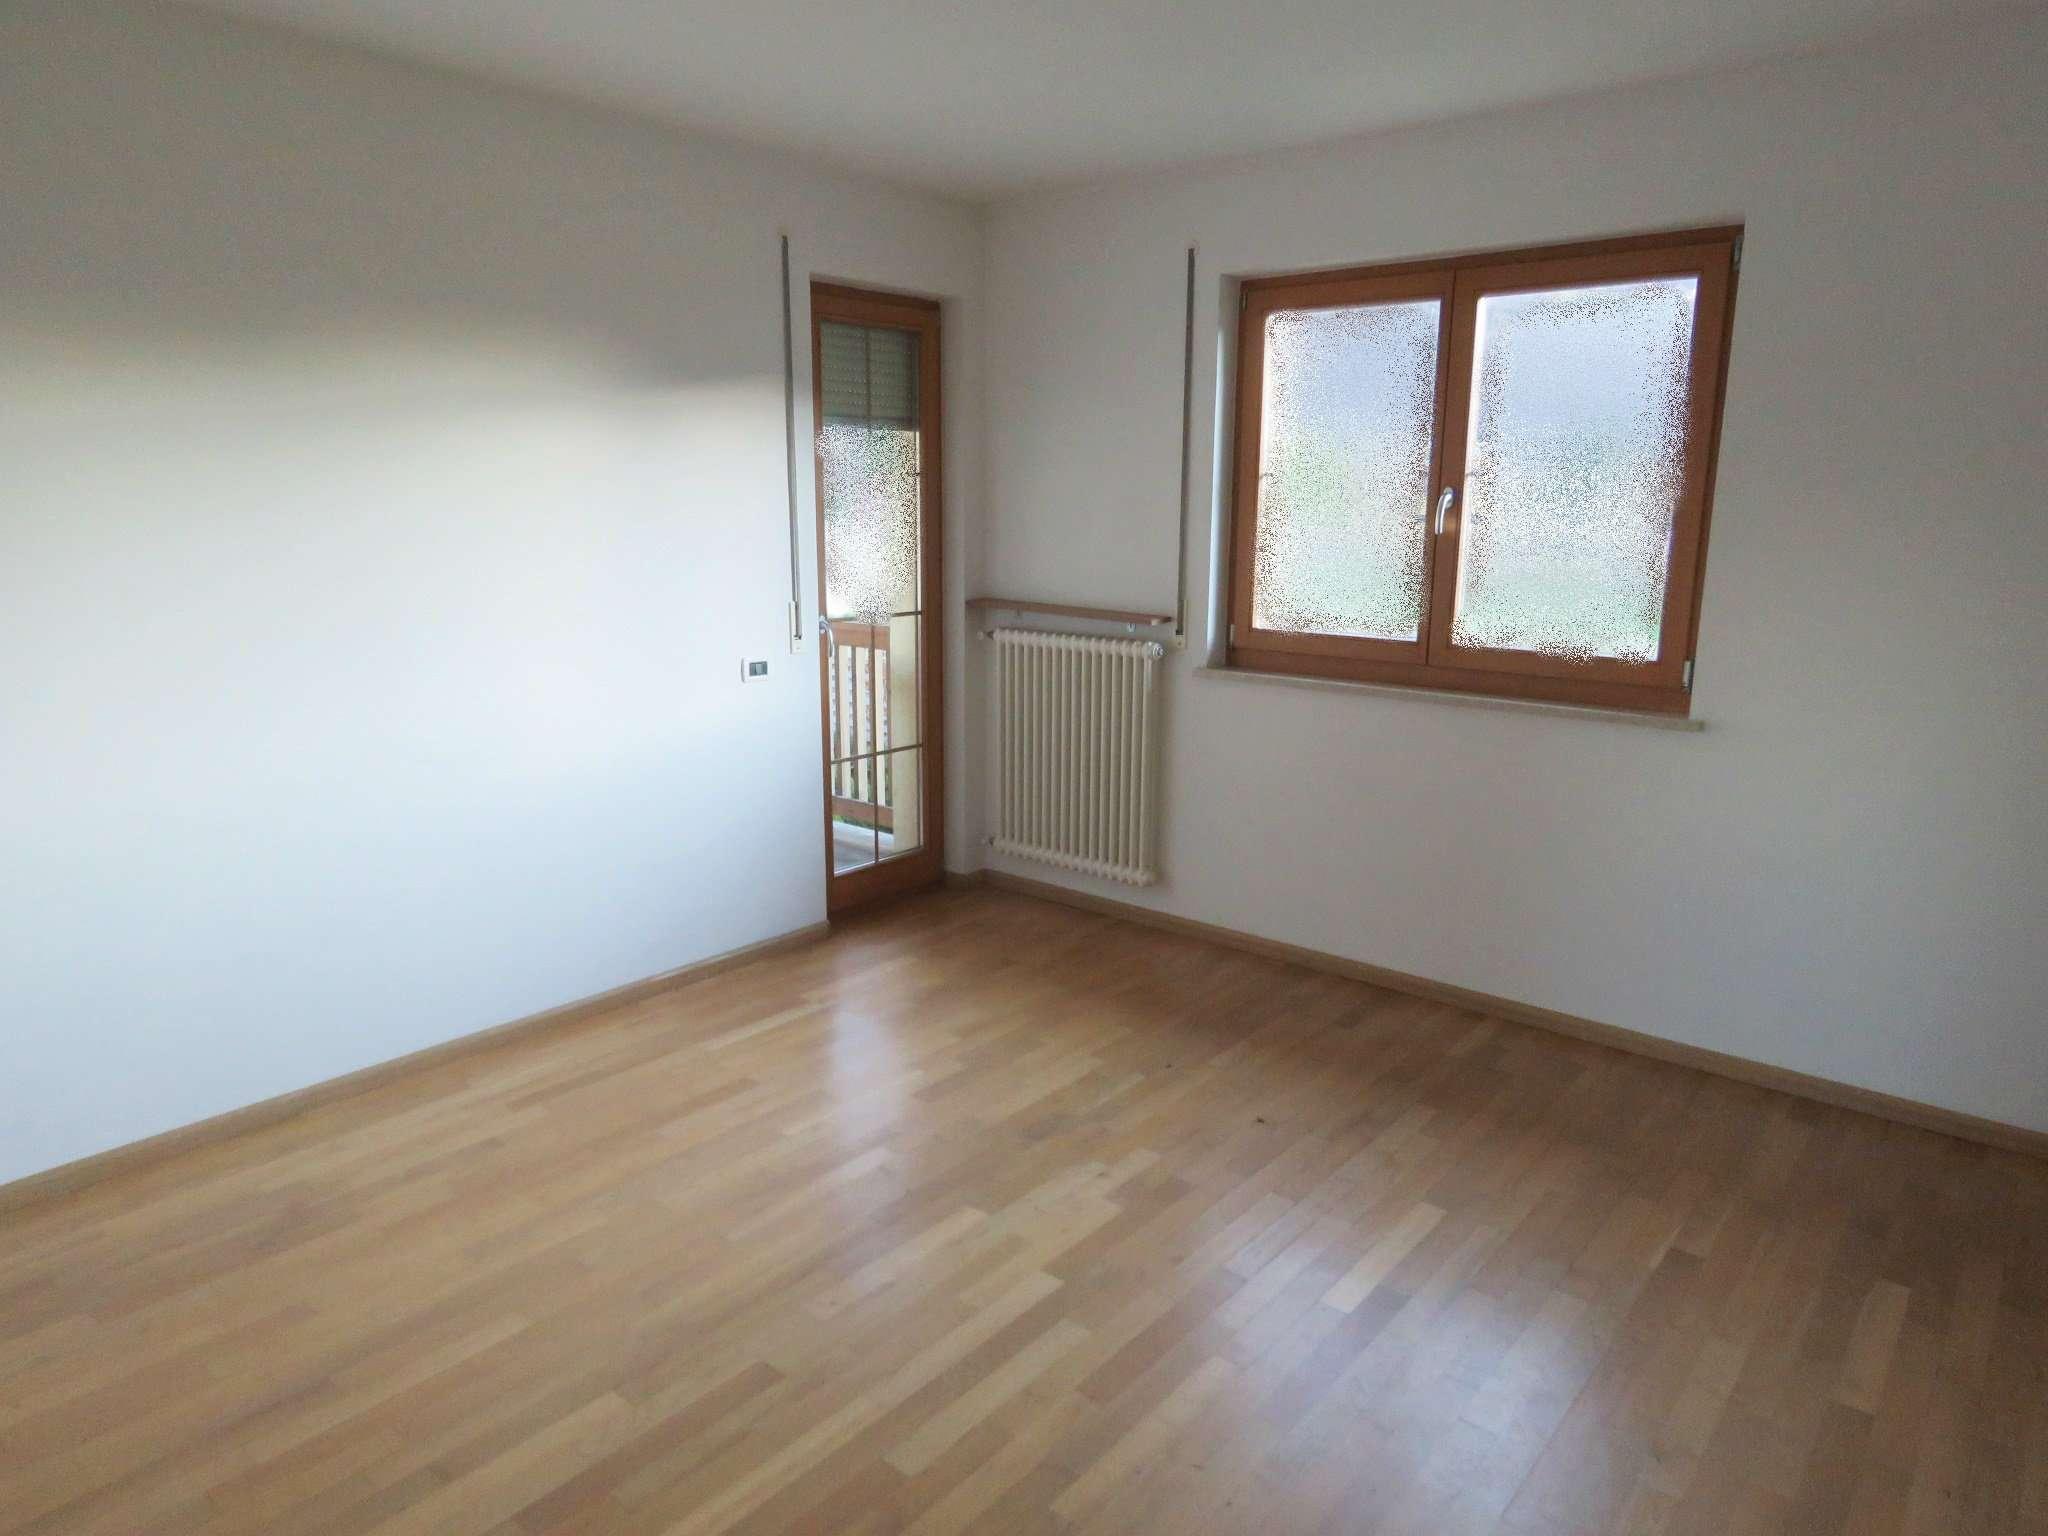 Attico / Mansarda in vendita a Egna, 2 locali, prezzo € 170.000 | Cambio Casa.it